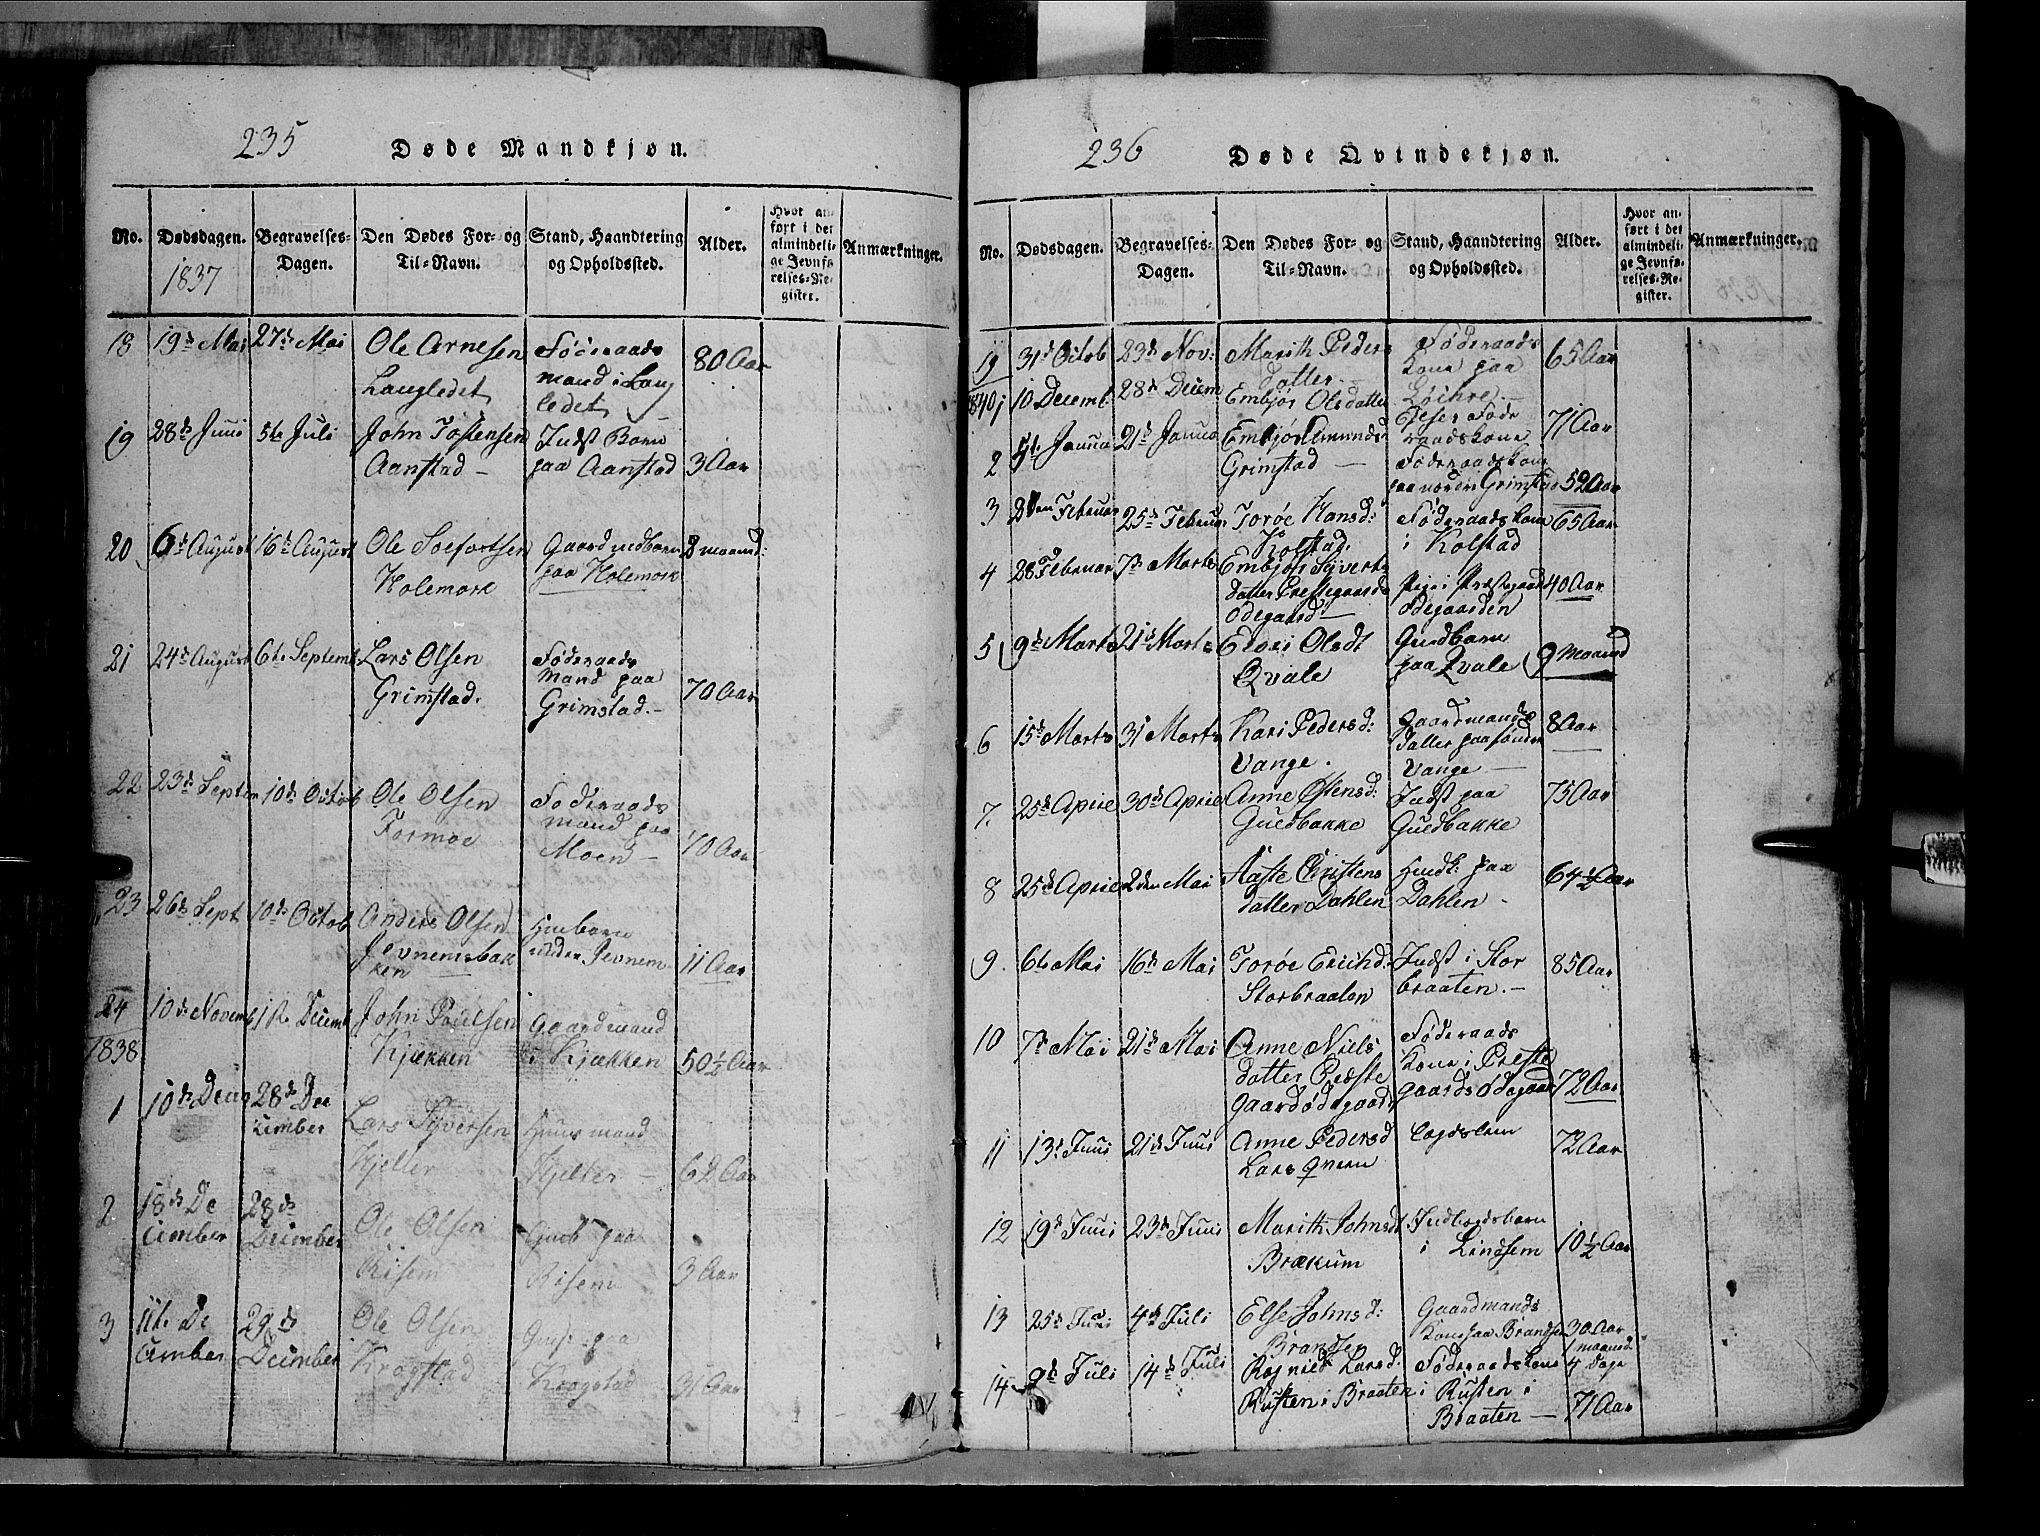 SAH, Lom prestekontor, L/L0003: Klokkerbok nr. 3, 1815-1844, s. 235-236